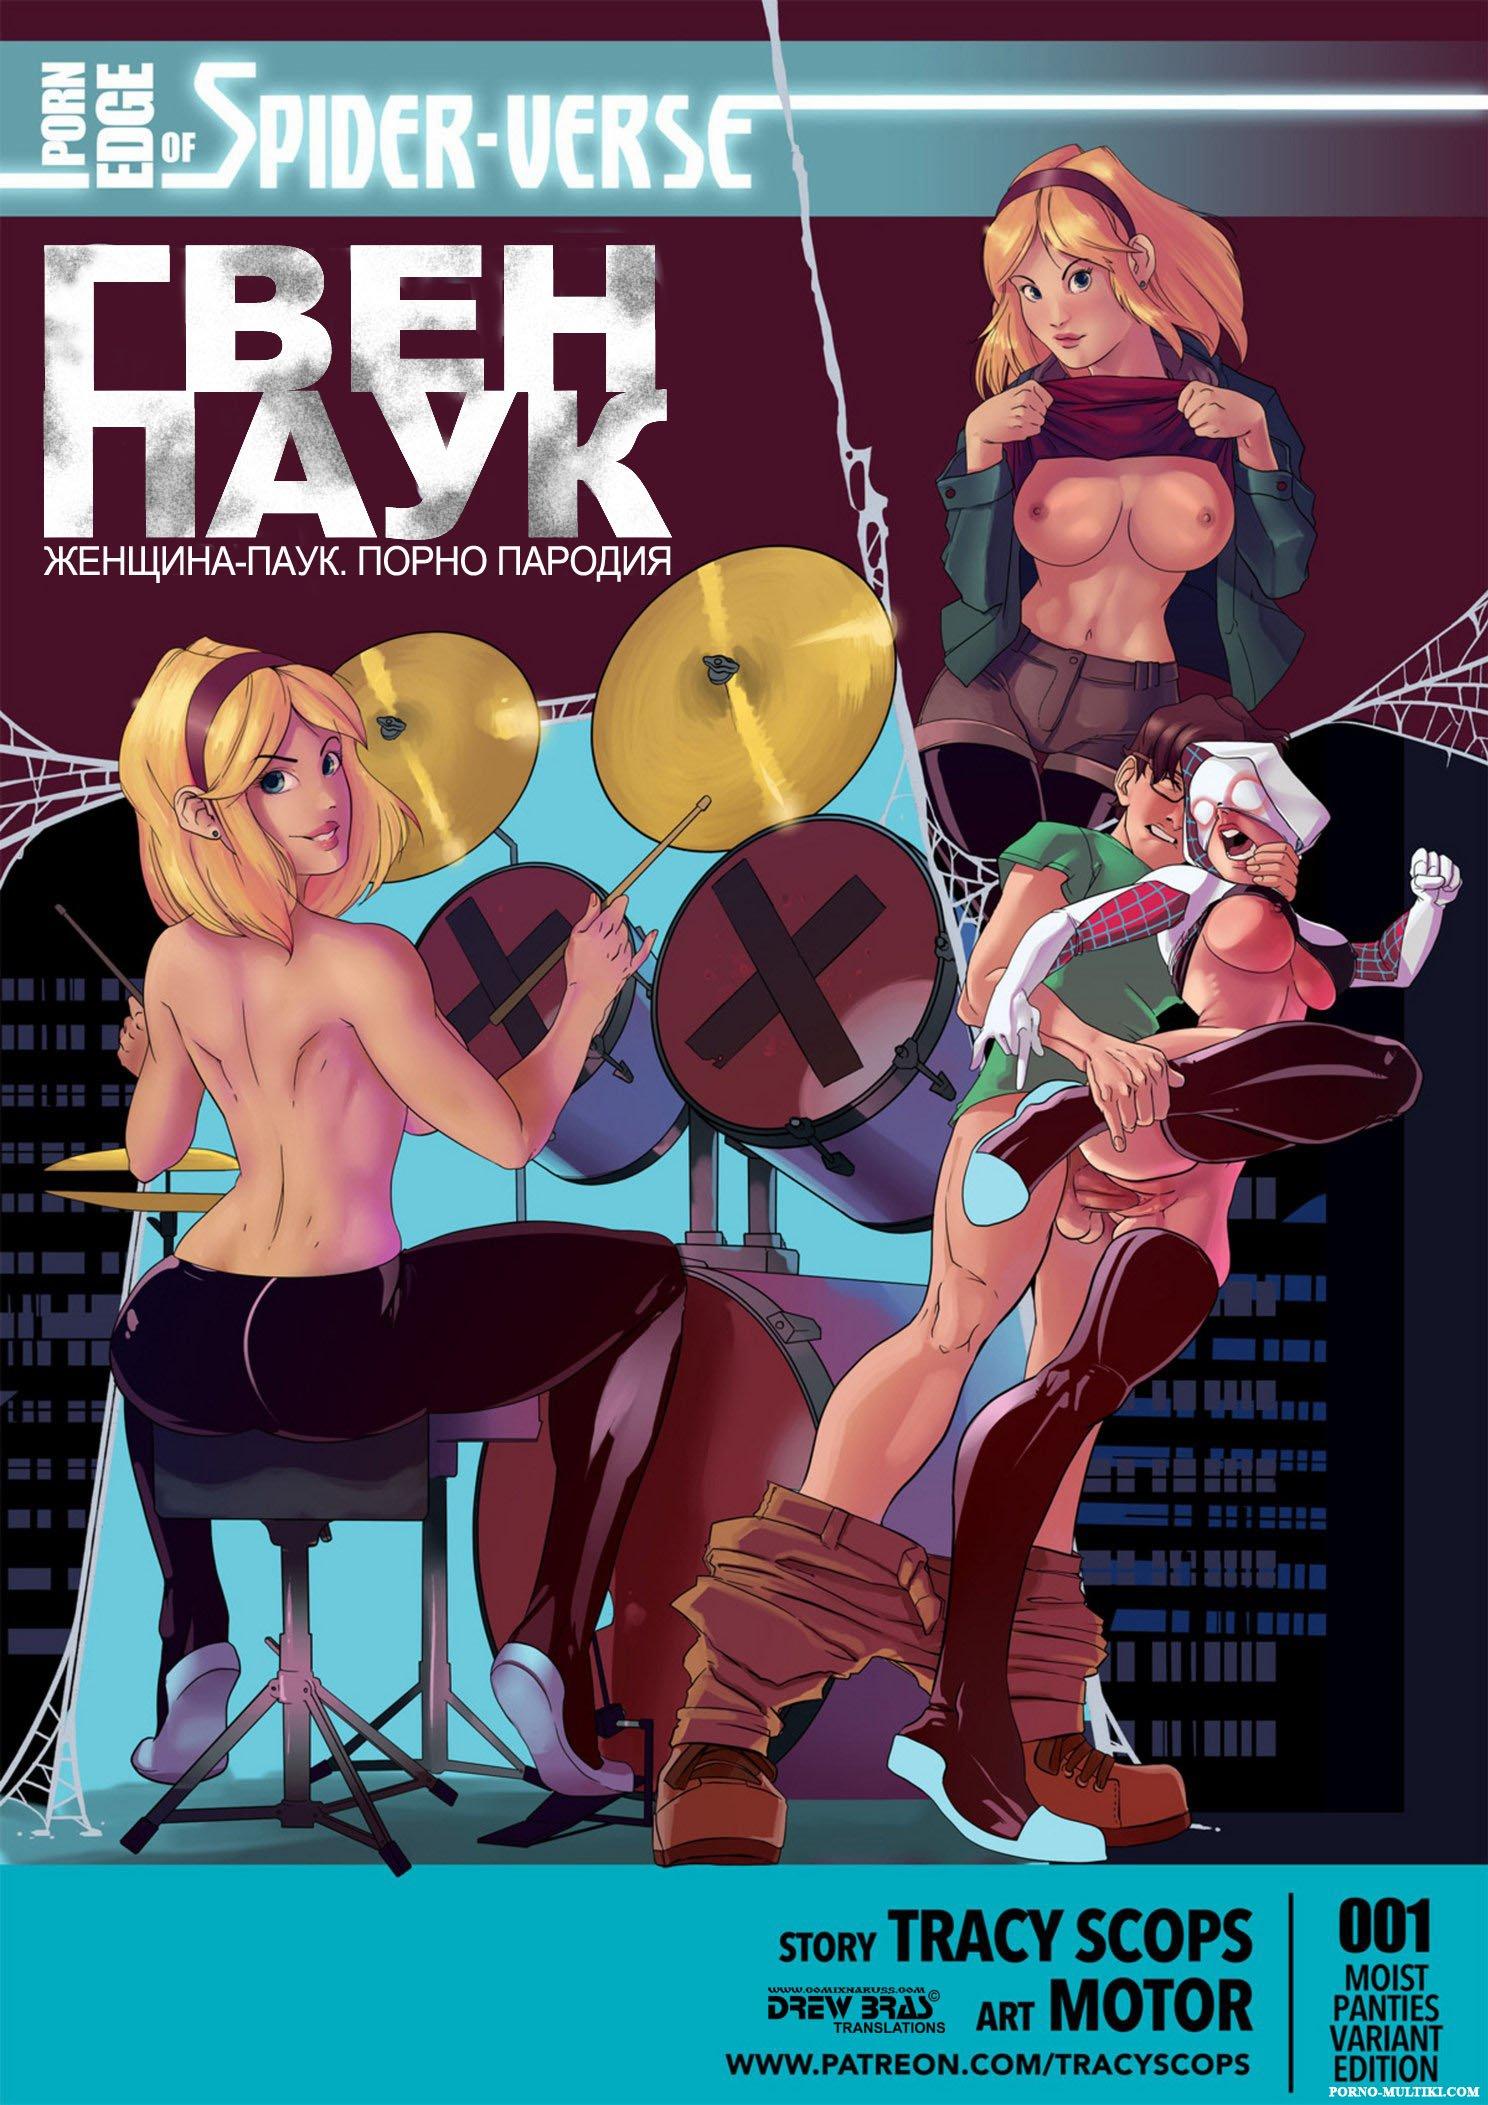 Секс комиксы - Гвен-Паук Без цензуры, Герои из мультиков, Супер-герои